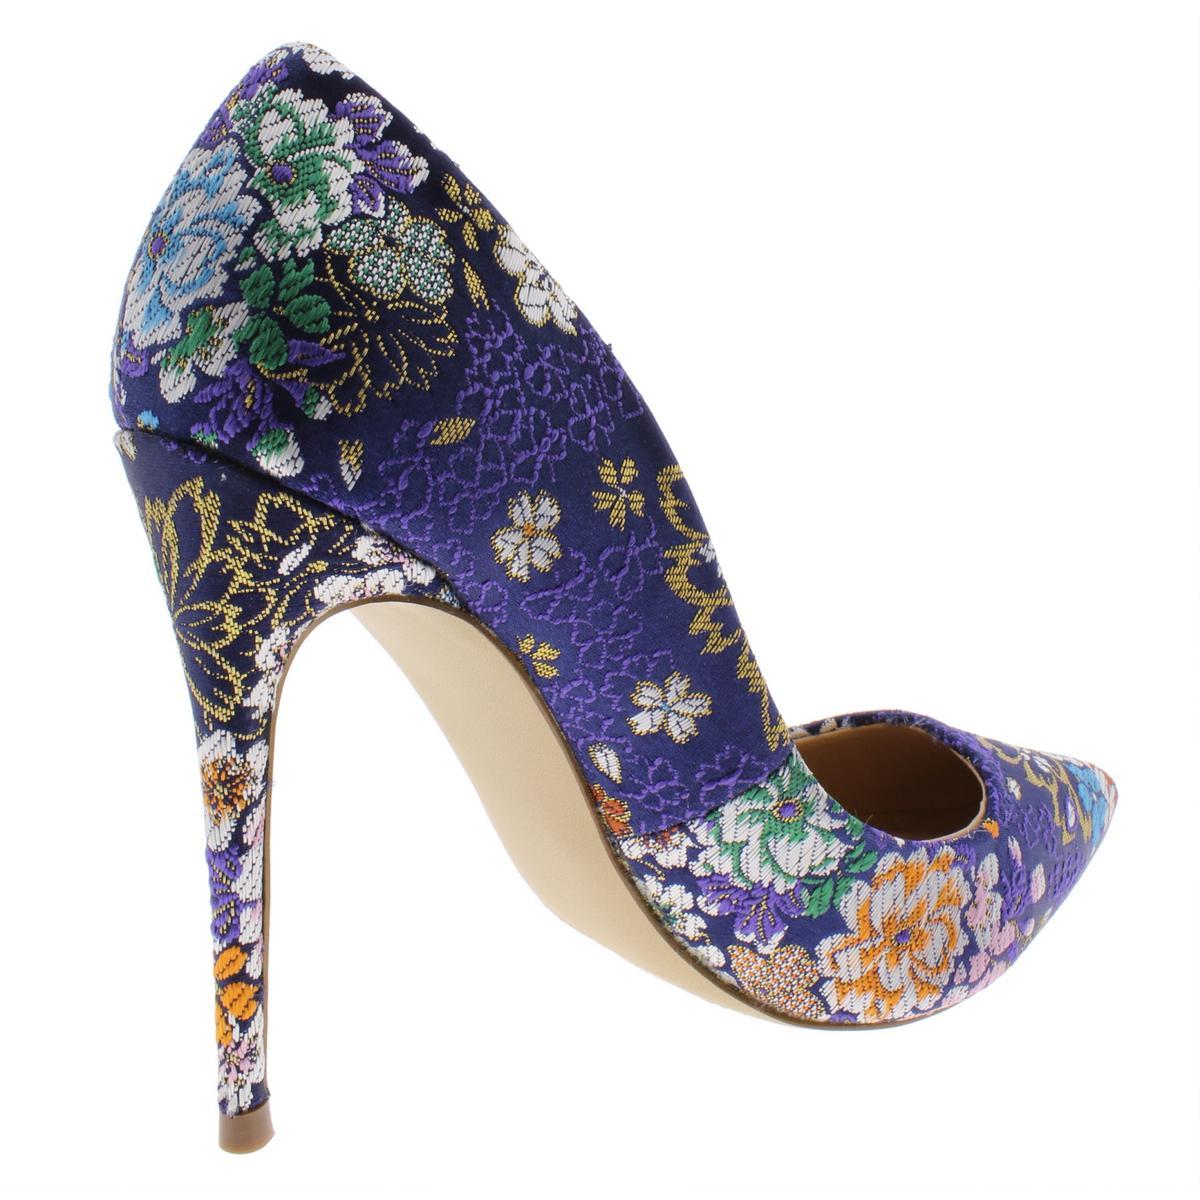 Steve-Madden-Womens-Daisie-Evening-Heels-Shoes-BHFO-4616 thumbnail 10